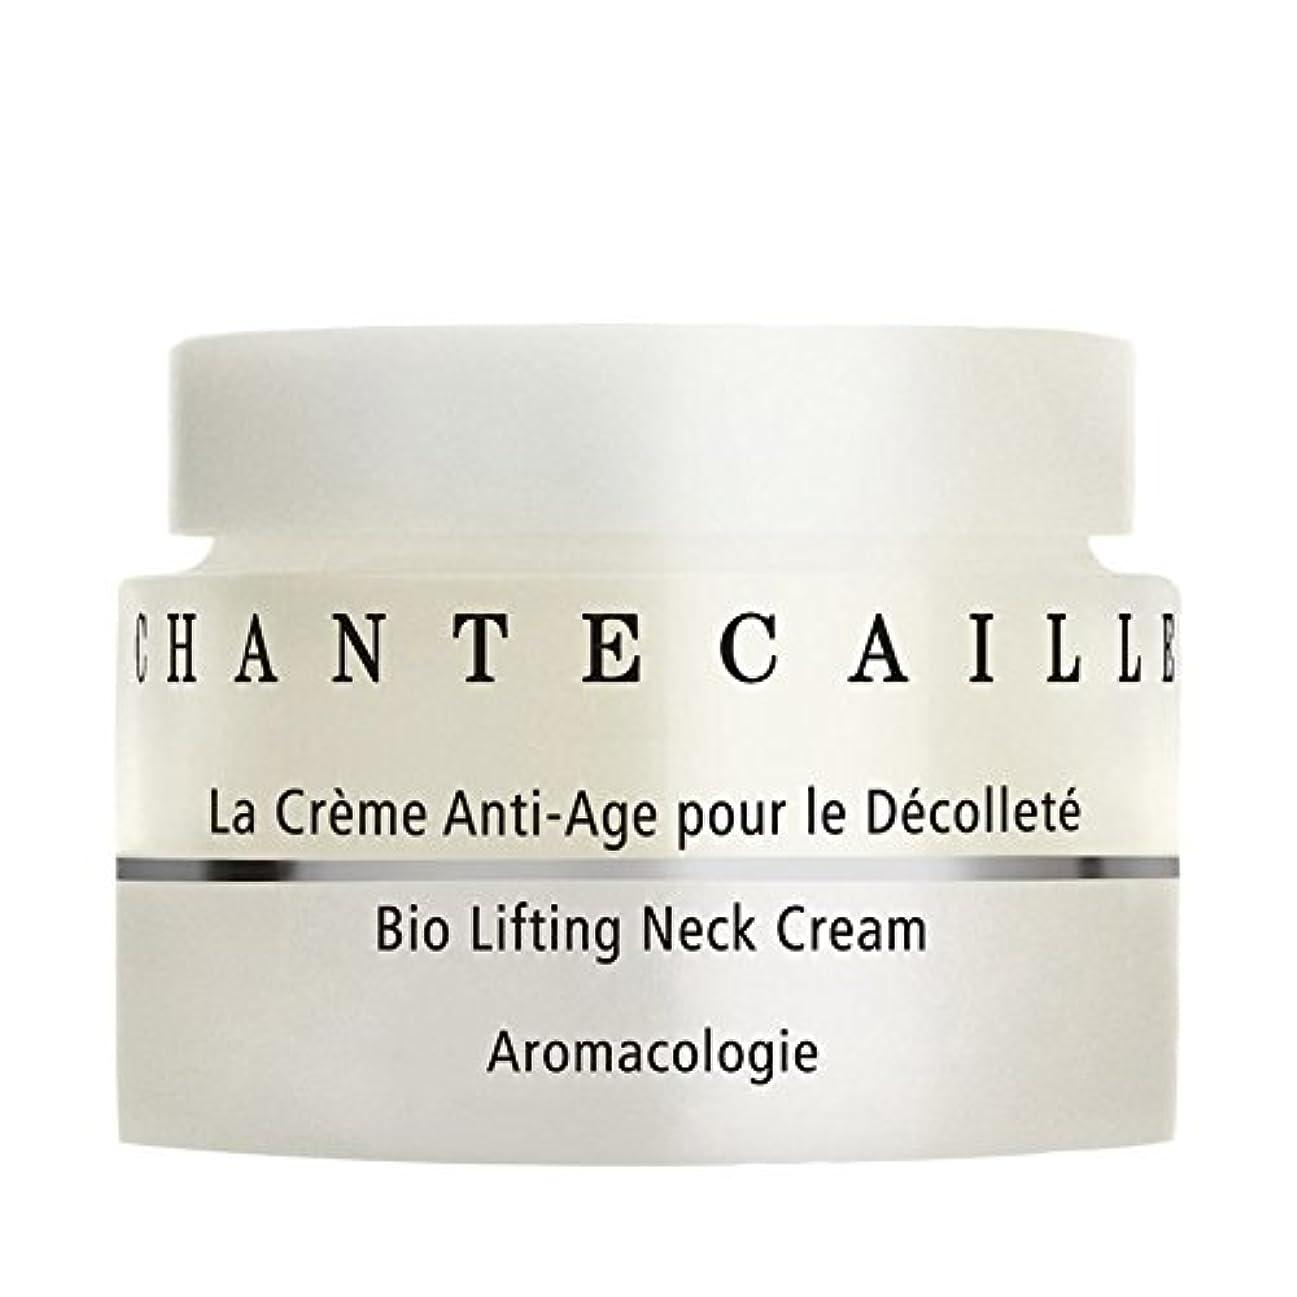 豚ベジタリアンあいまいさシャンテカイユバイオダイナミックリフティングネッククリーム、シャンテカイユ x4 - Chantecaille Biodynamic Lifting Neck Cream, Chantecaille (Pack of 4...